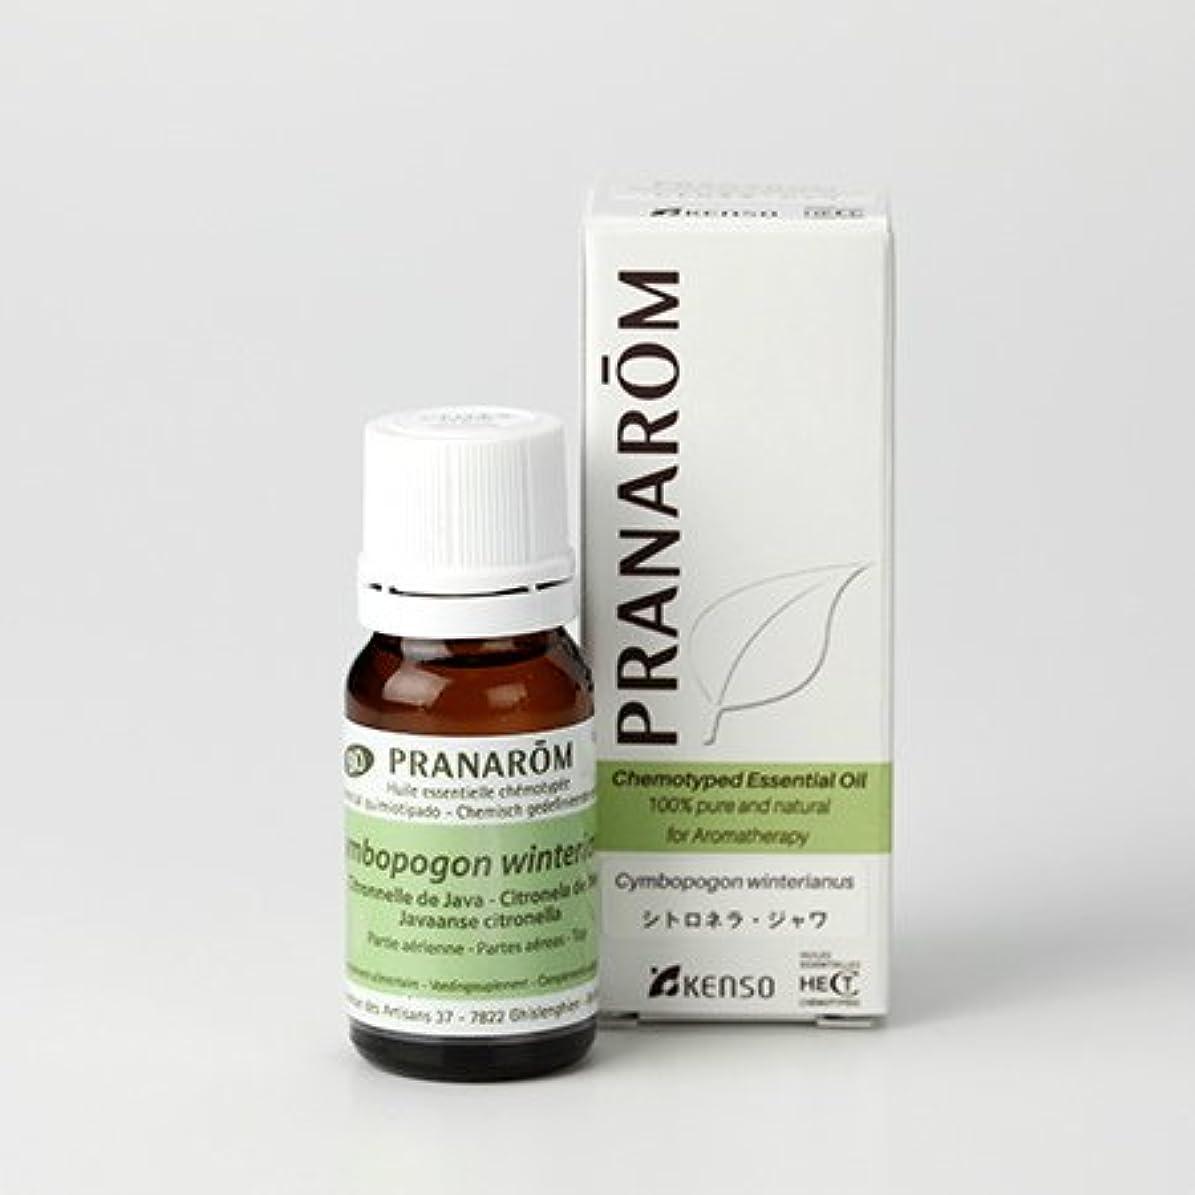 プラナロム シトロネラジャワ 10ml (PRANAROM ケモタイプ精油)